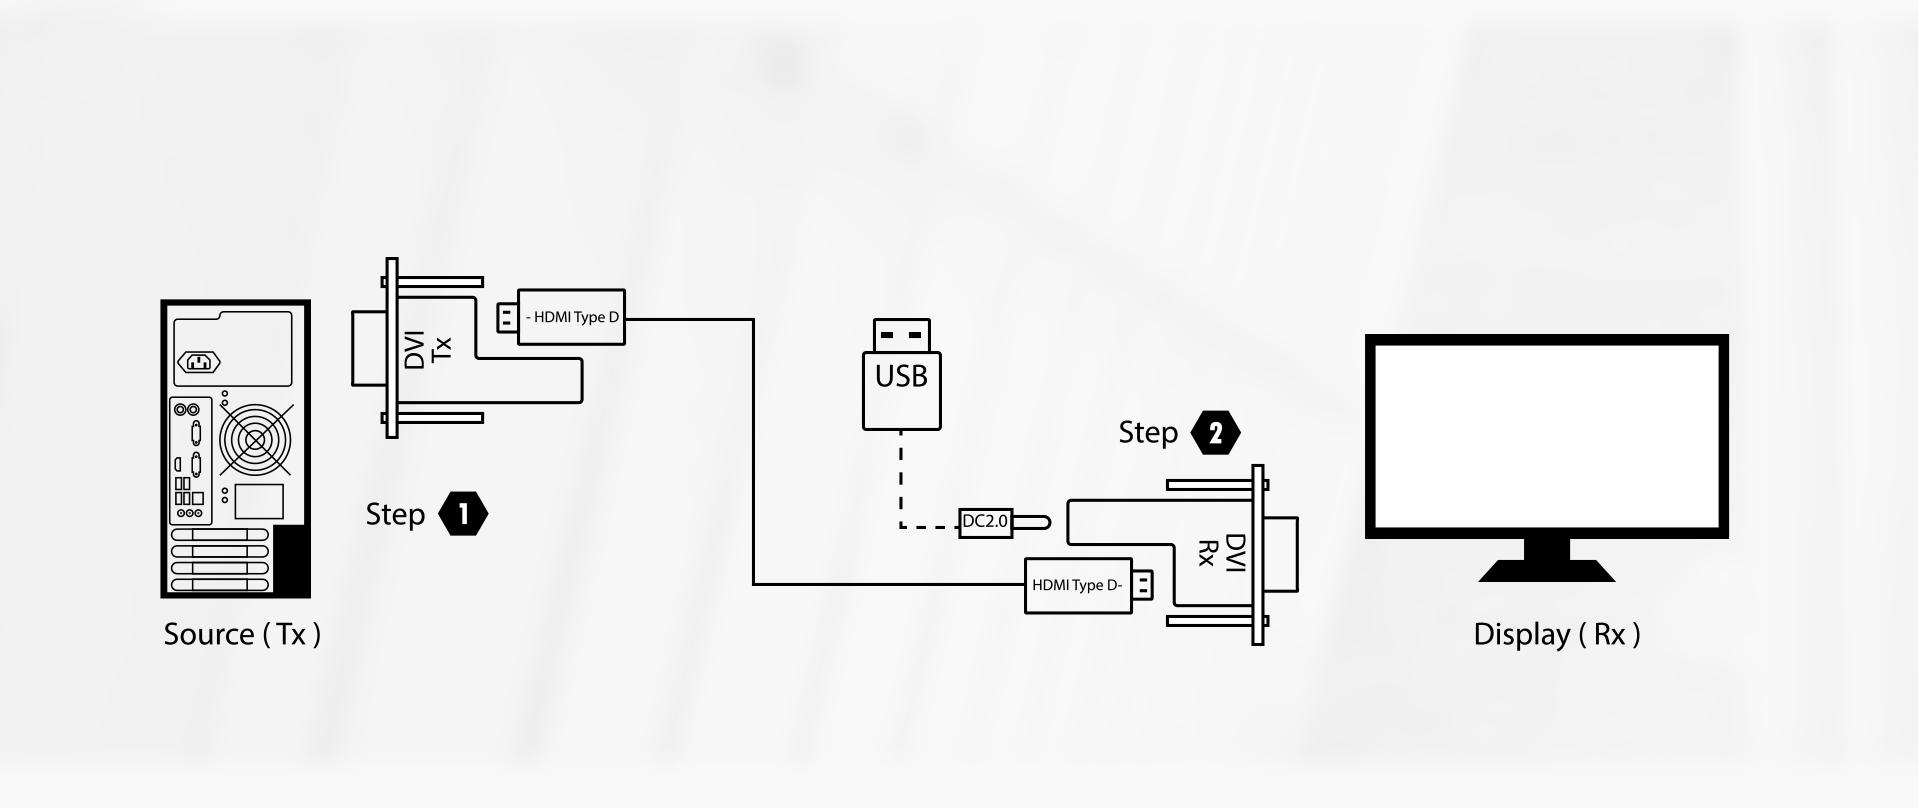 infobit-dvi-active-optical-fiber-cable-detachable-diagram